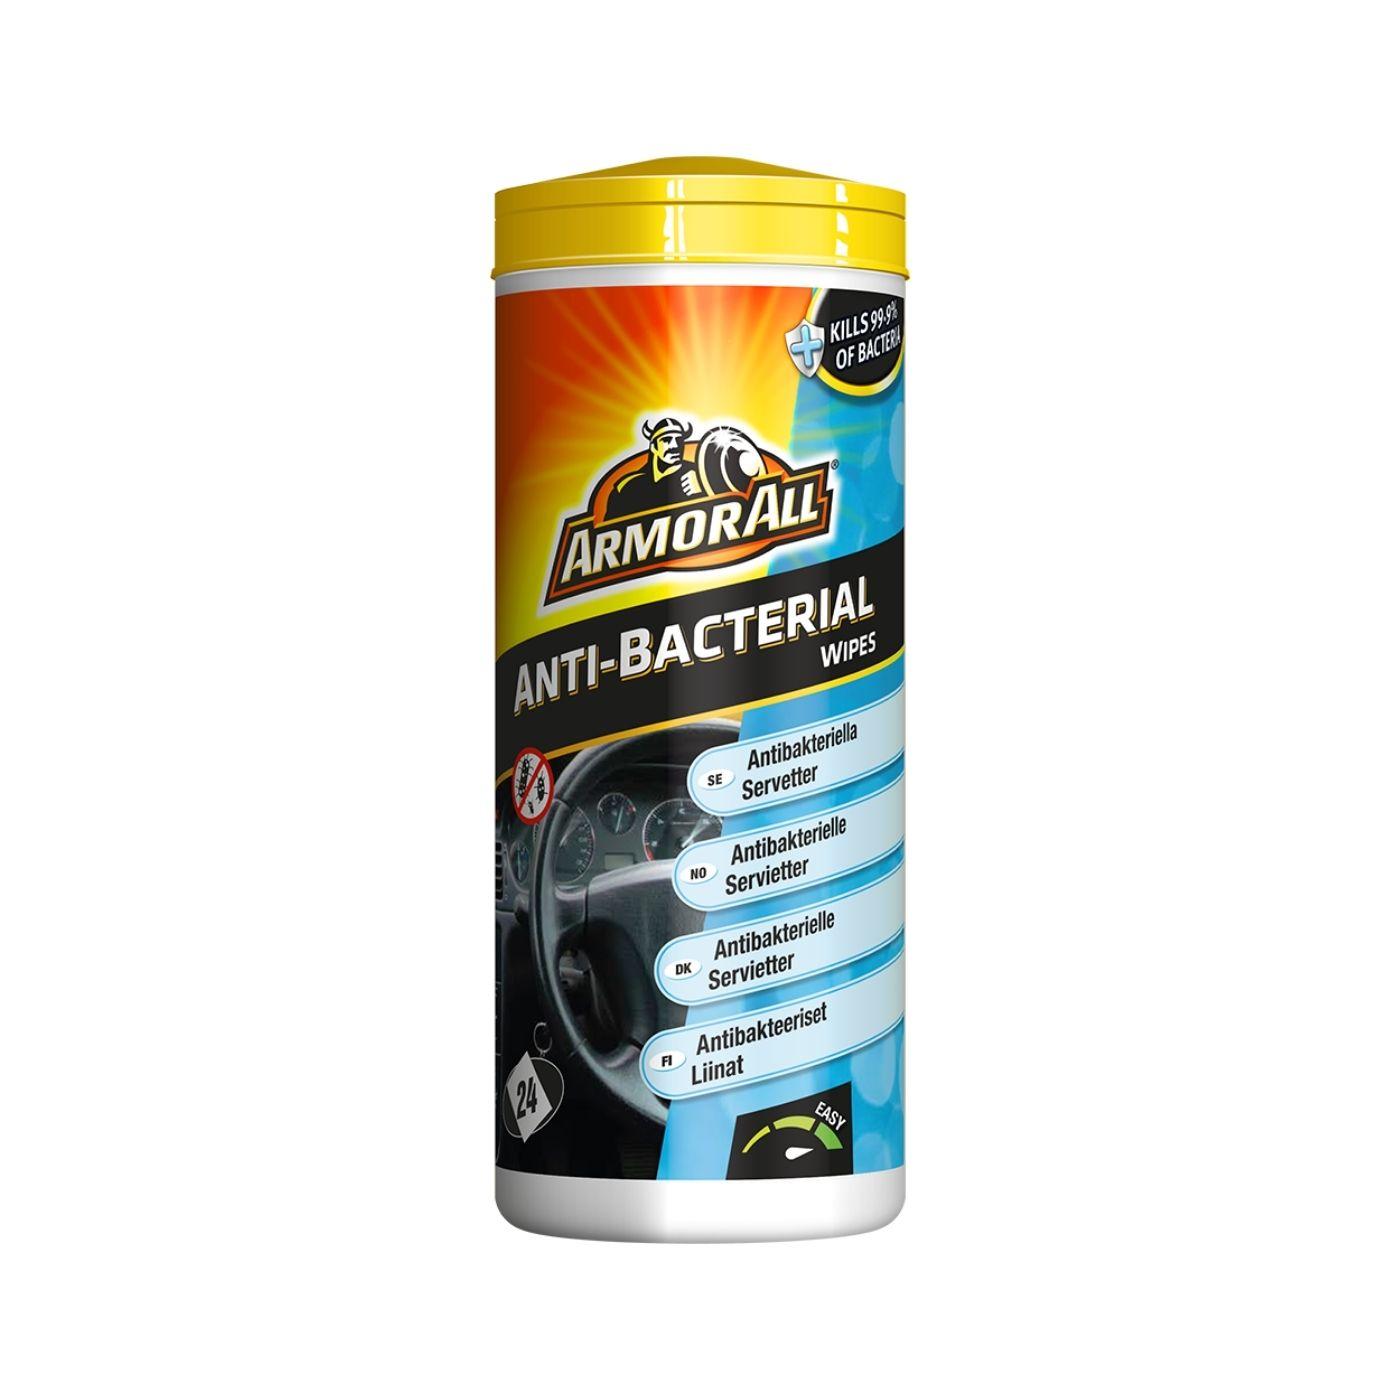 Våtservetter Desinfektion Armor All Anti-Bacterial Wipes, 24 st